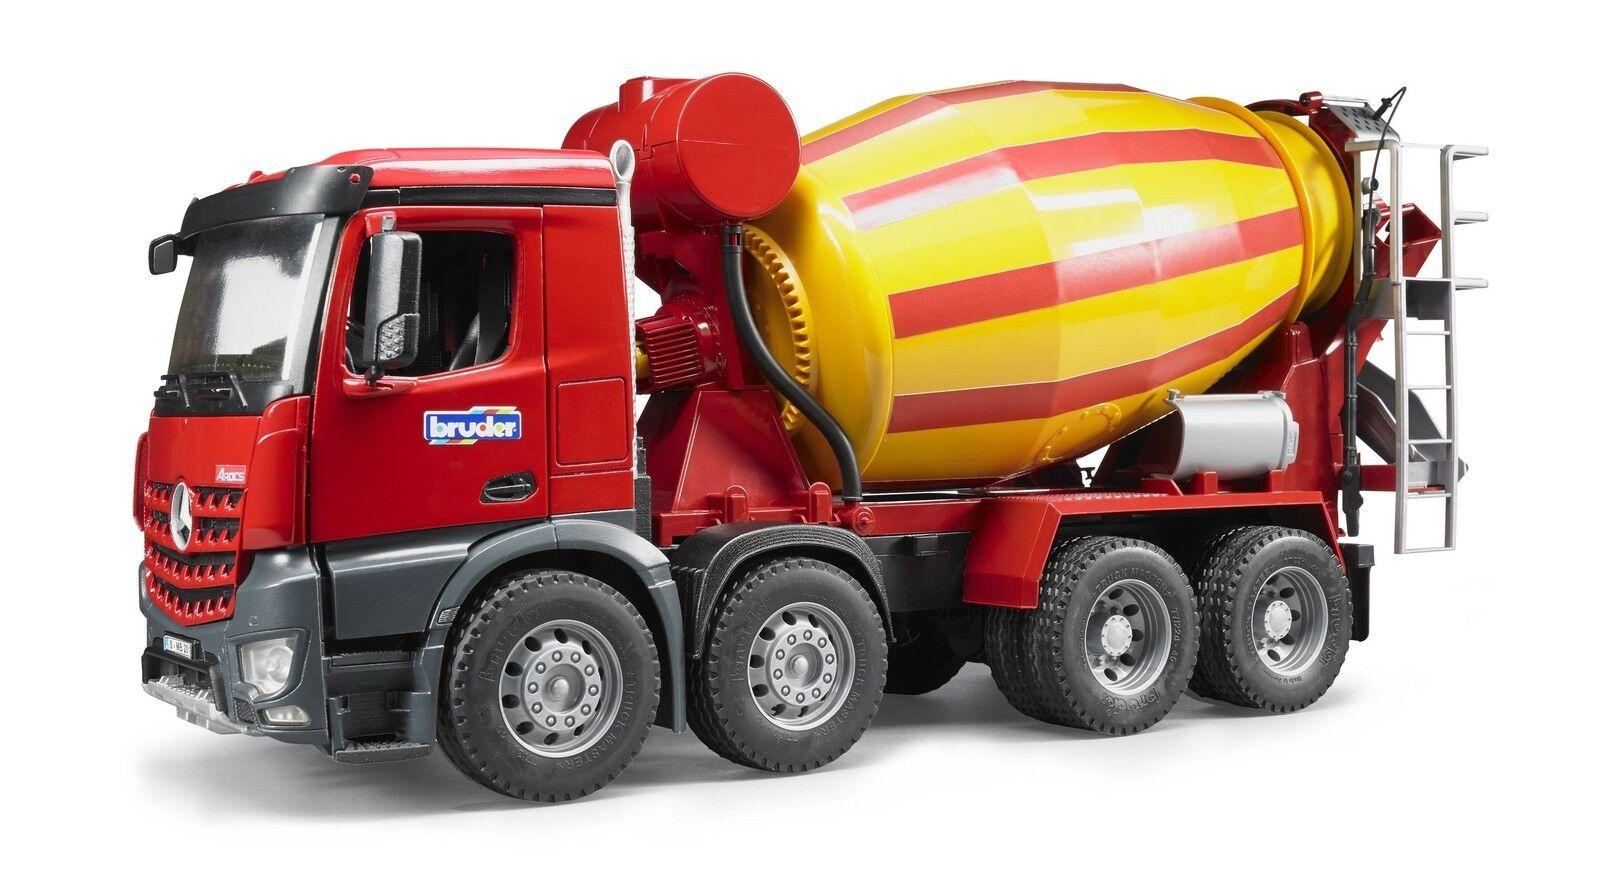 BRUDER 3654 MB Arocs camion betoniera